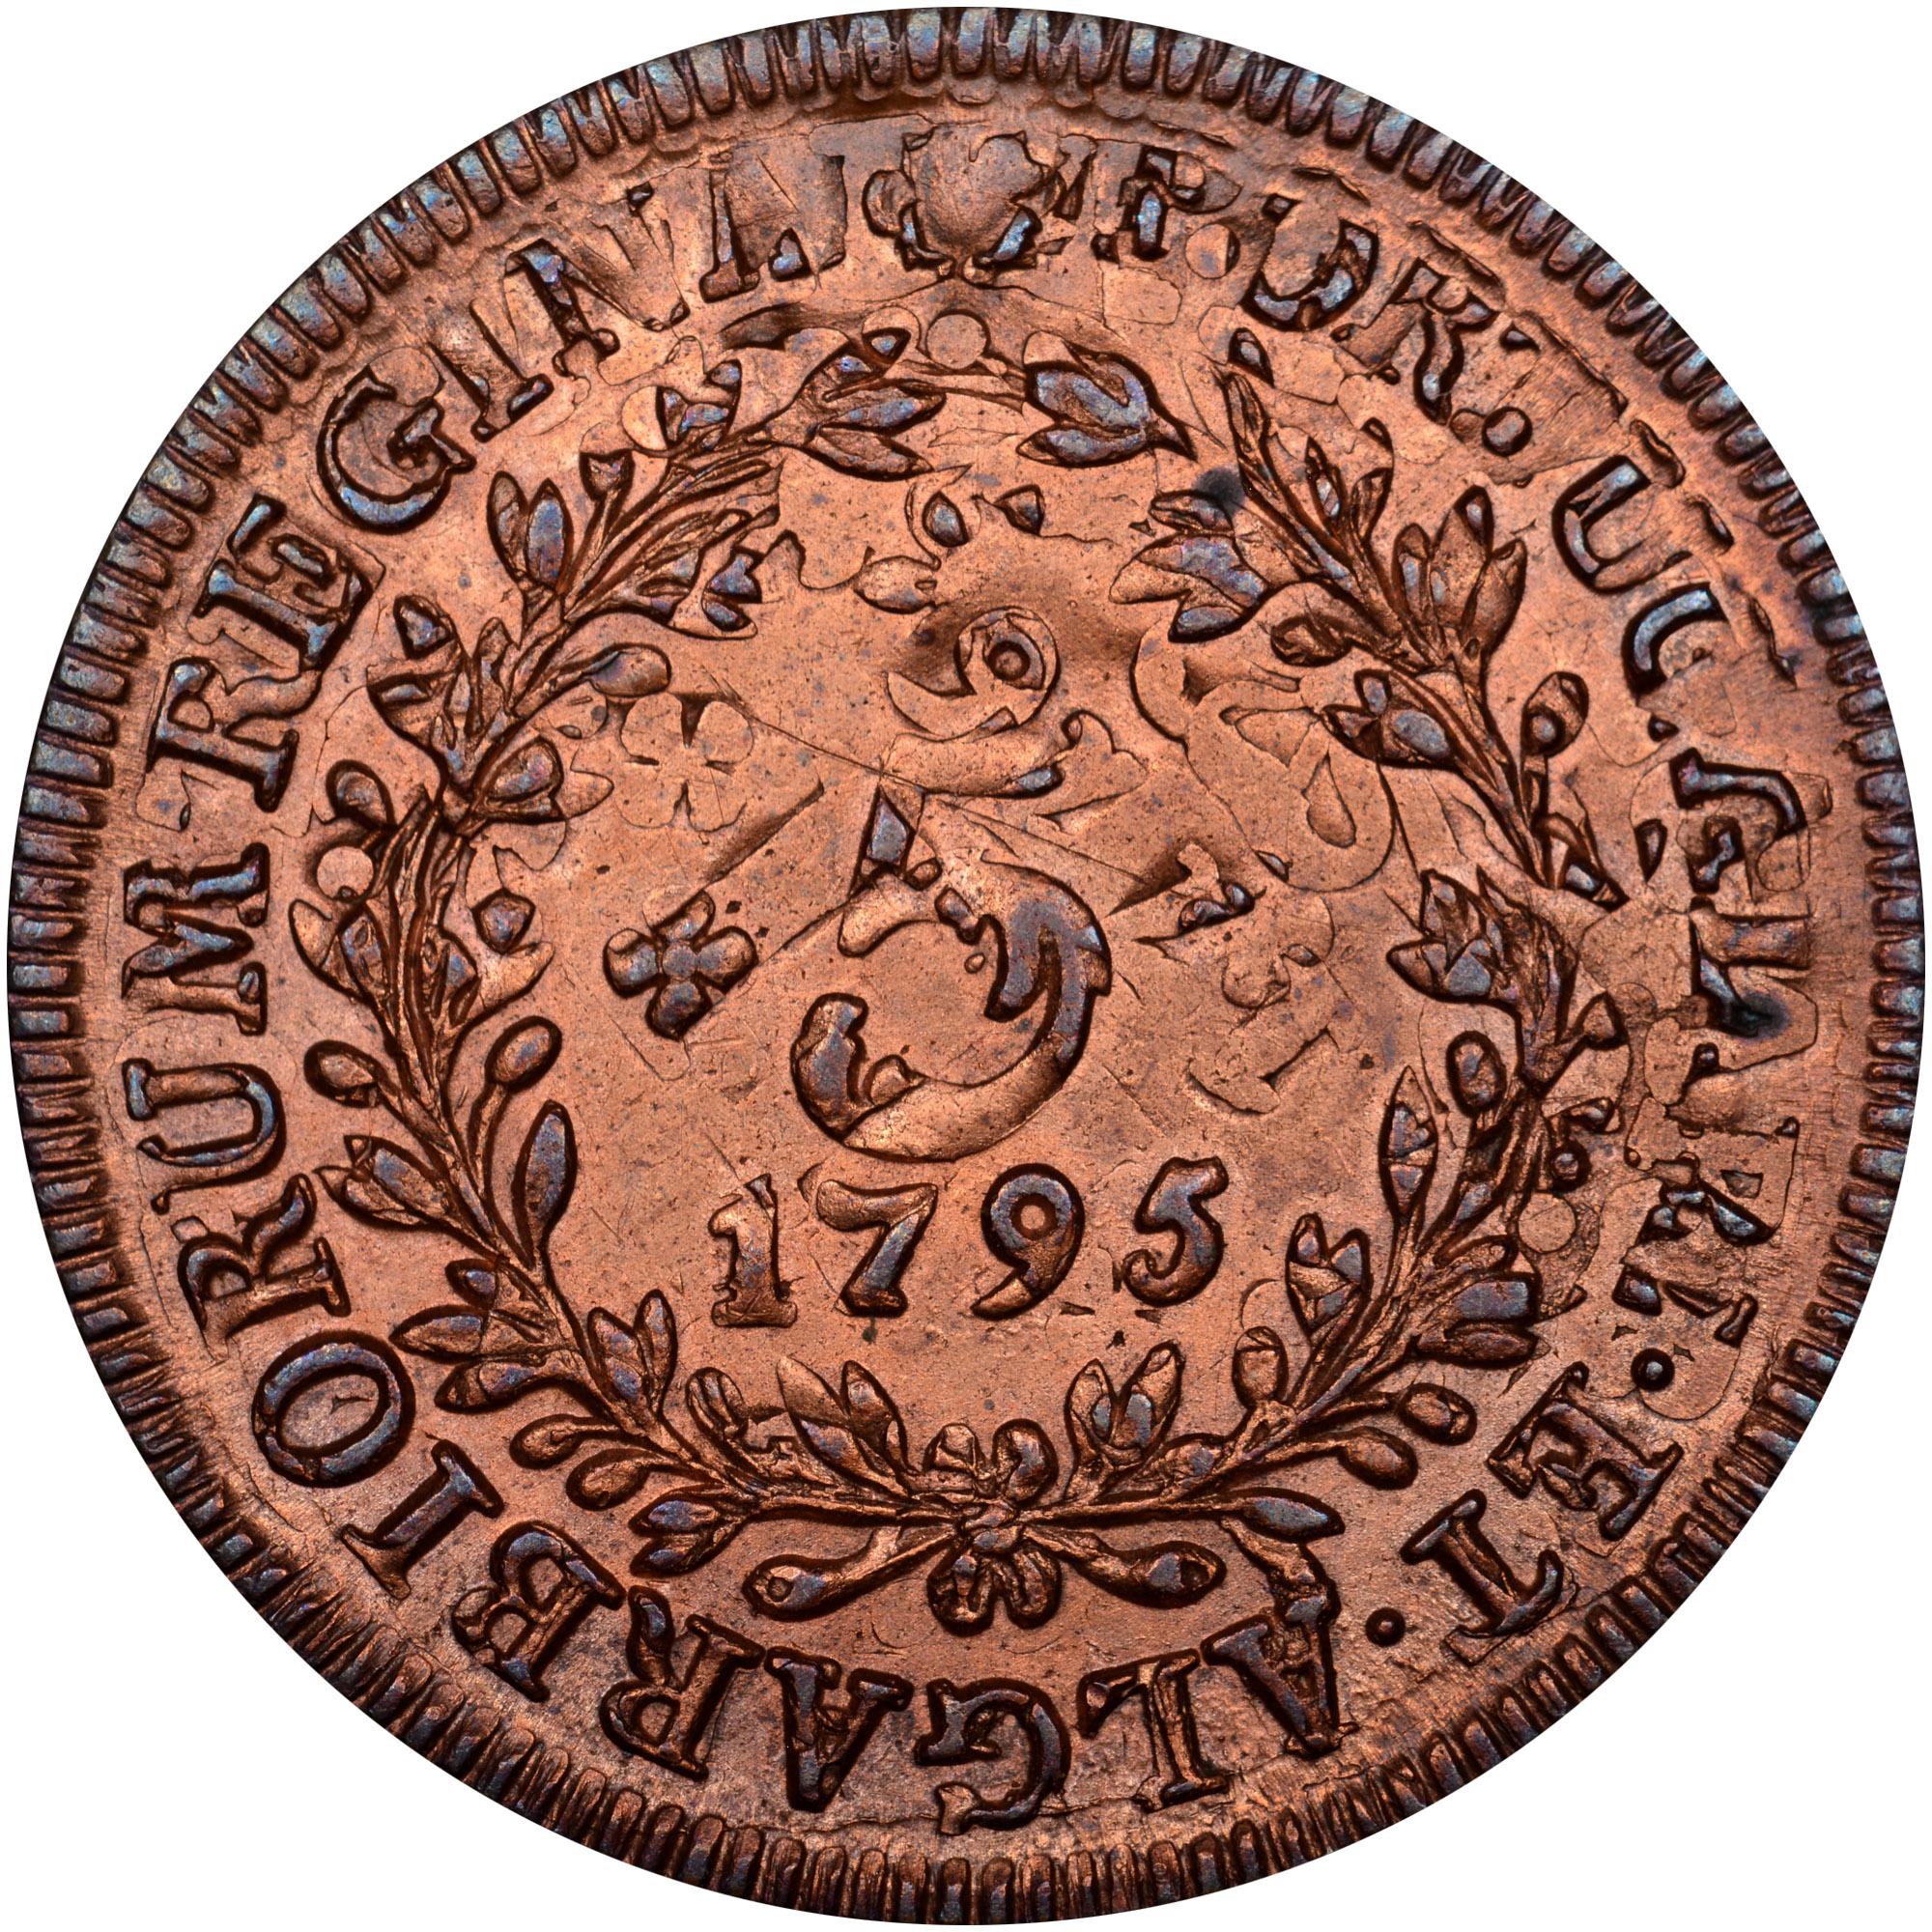 1795-1799 Azores 5 Reis reverse